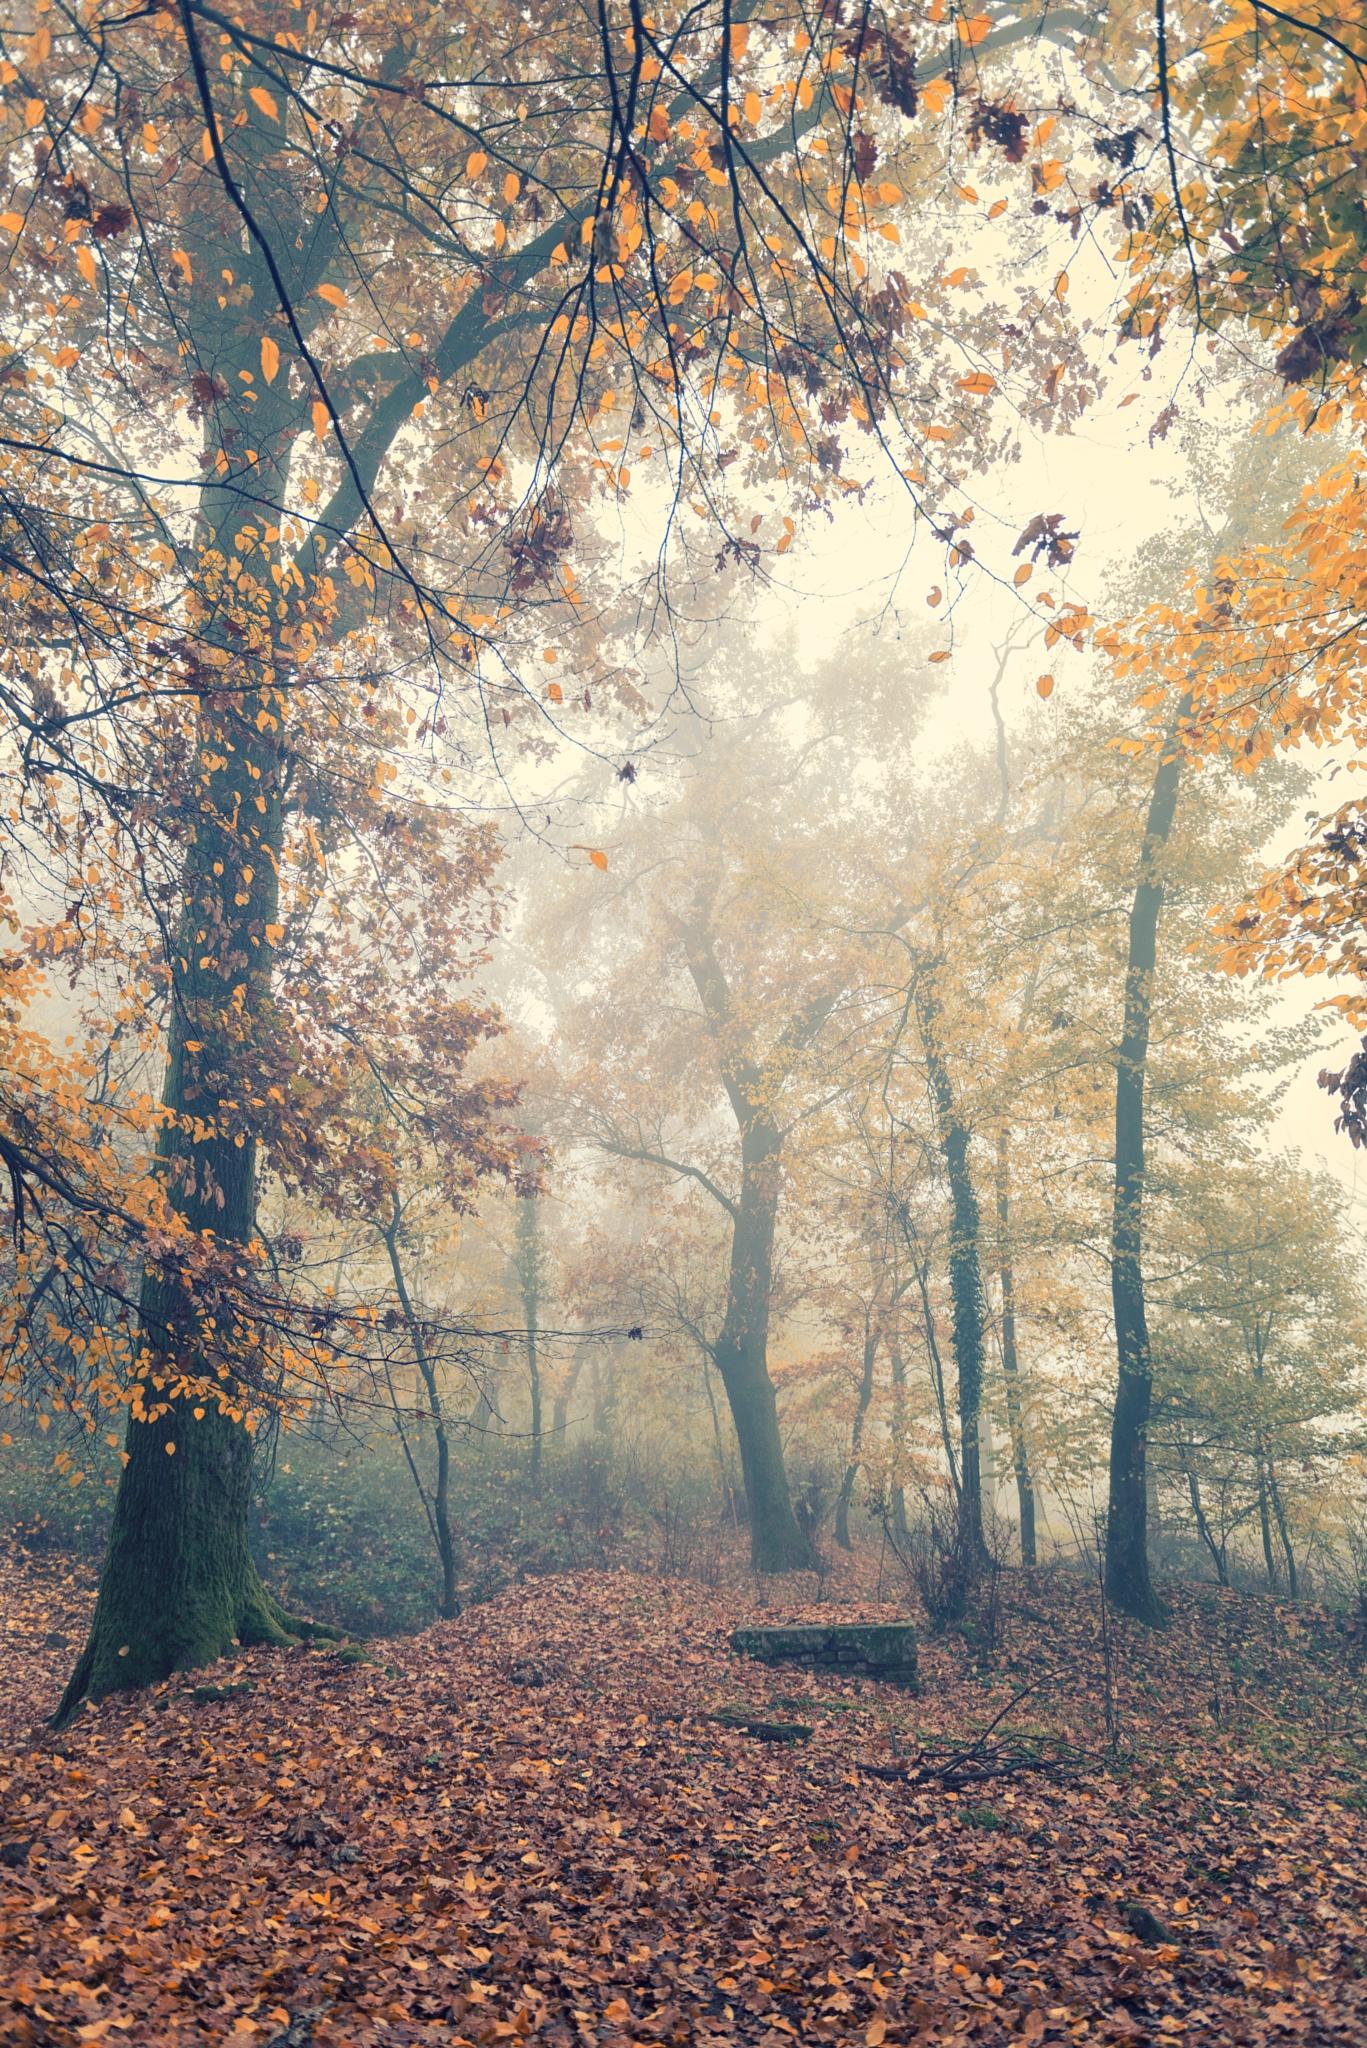 Autumn fog by GiordanoAita